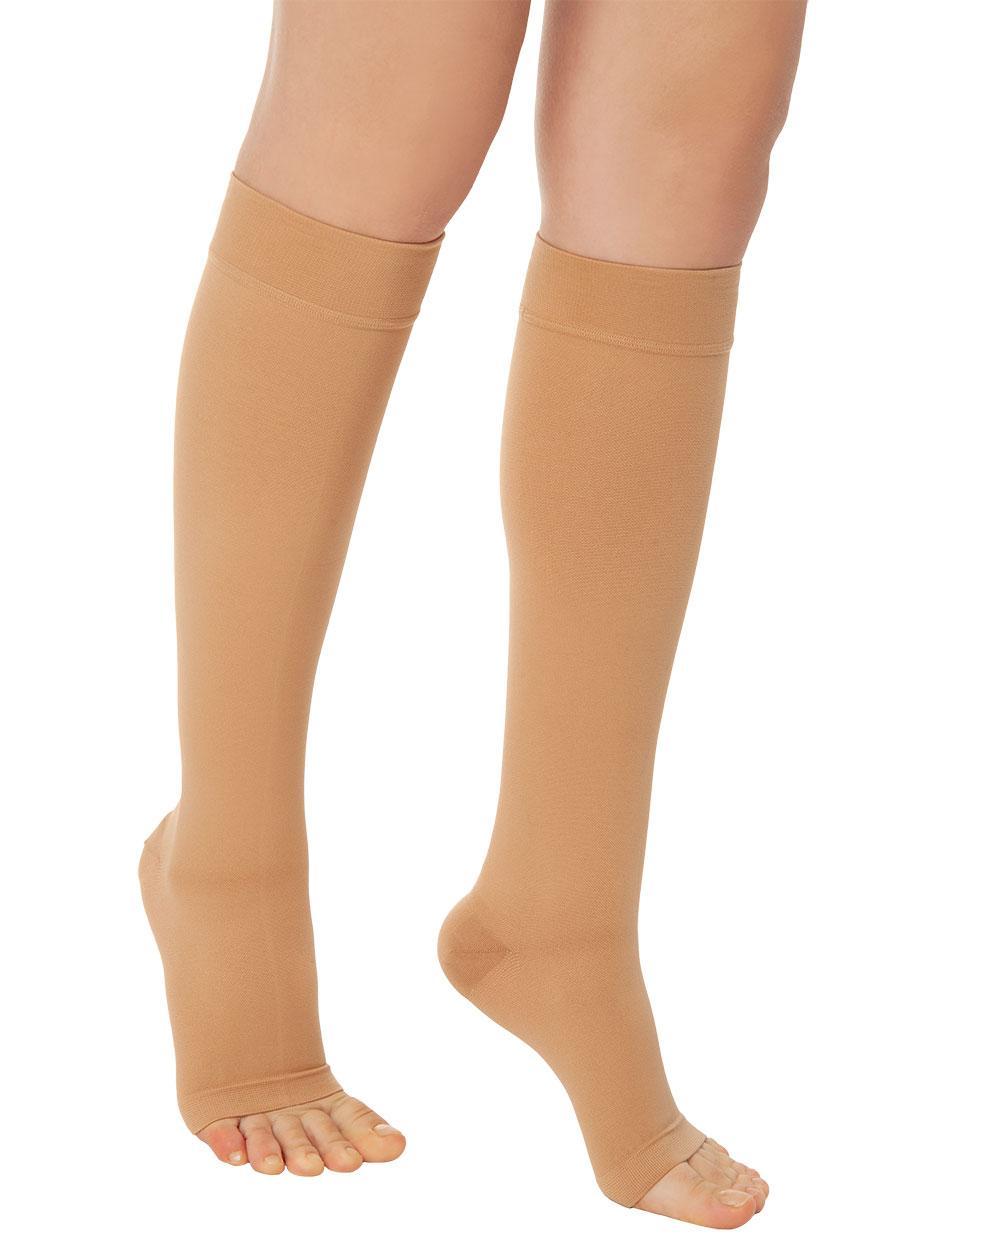 Панчохи антиварикозні 3 класу компресії Variteks до колін з відкритим носком